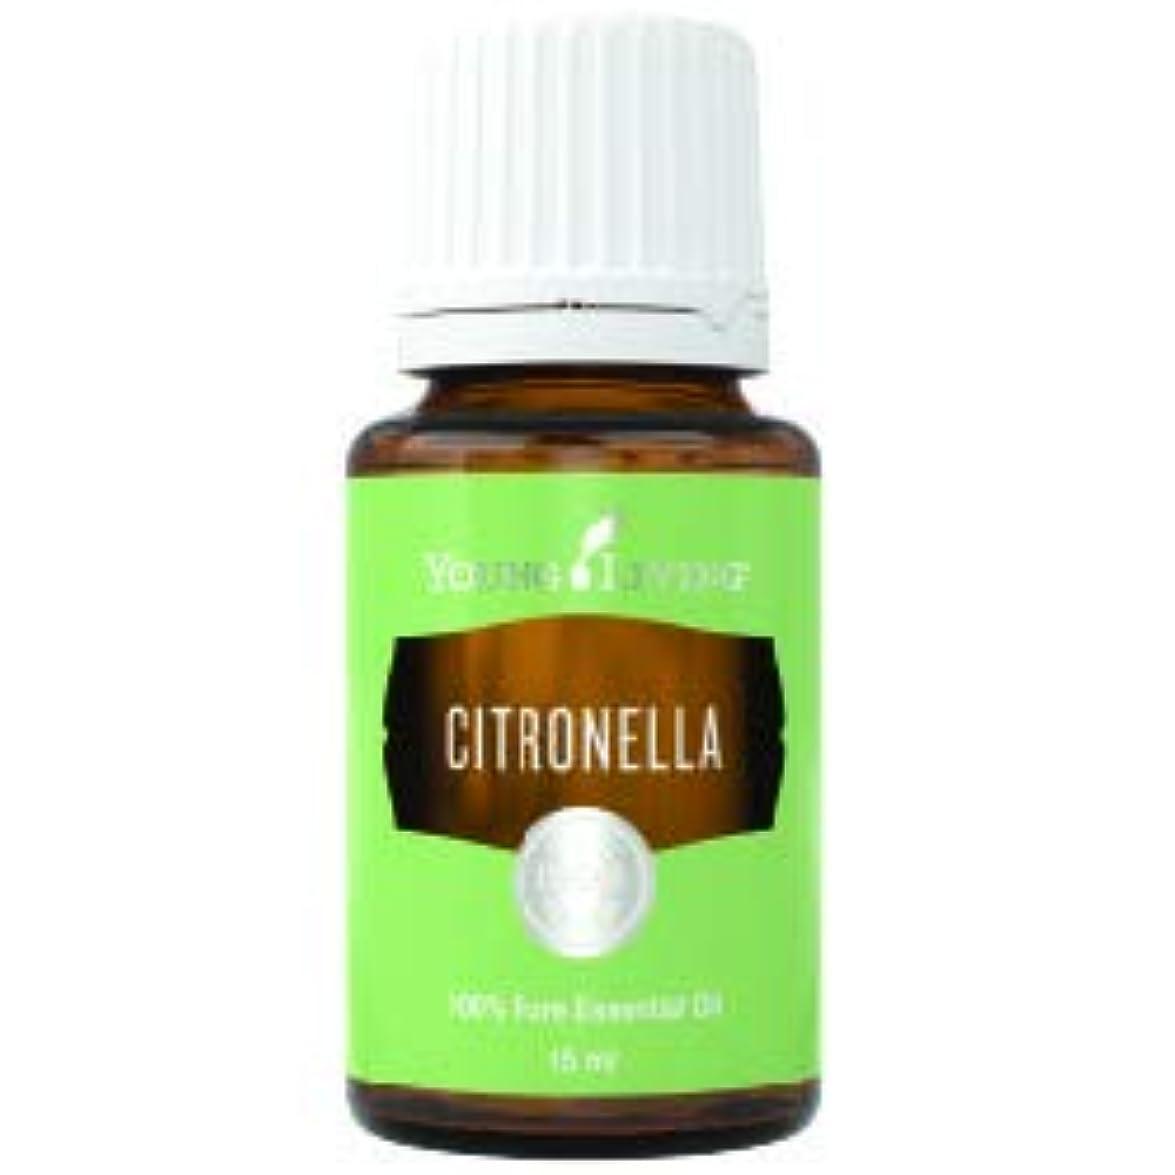 構成する賢明なサージシトロネラエッセンシャルオイル15 ml byヤングリビングマレーシア Citronella Essential Oil 15 ml by Young Living Malaysia